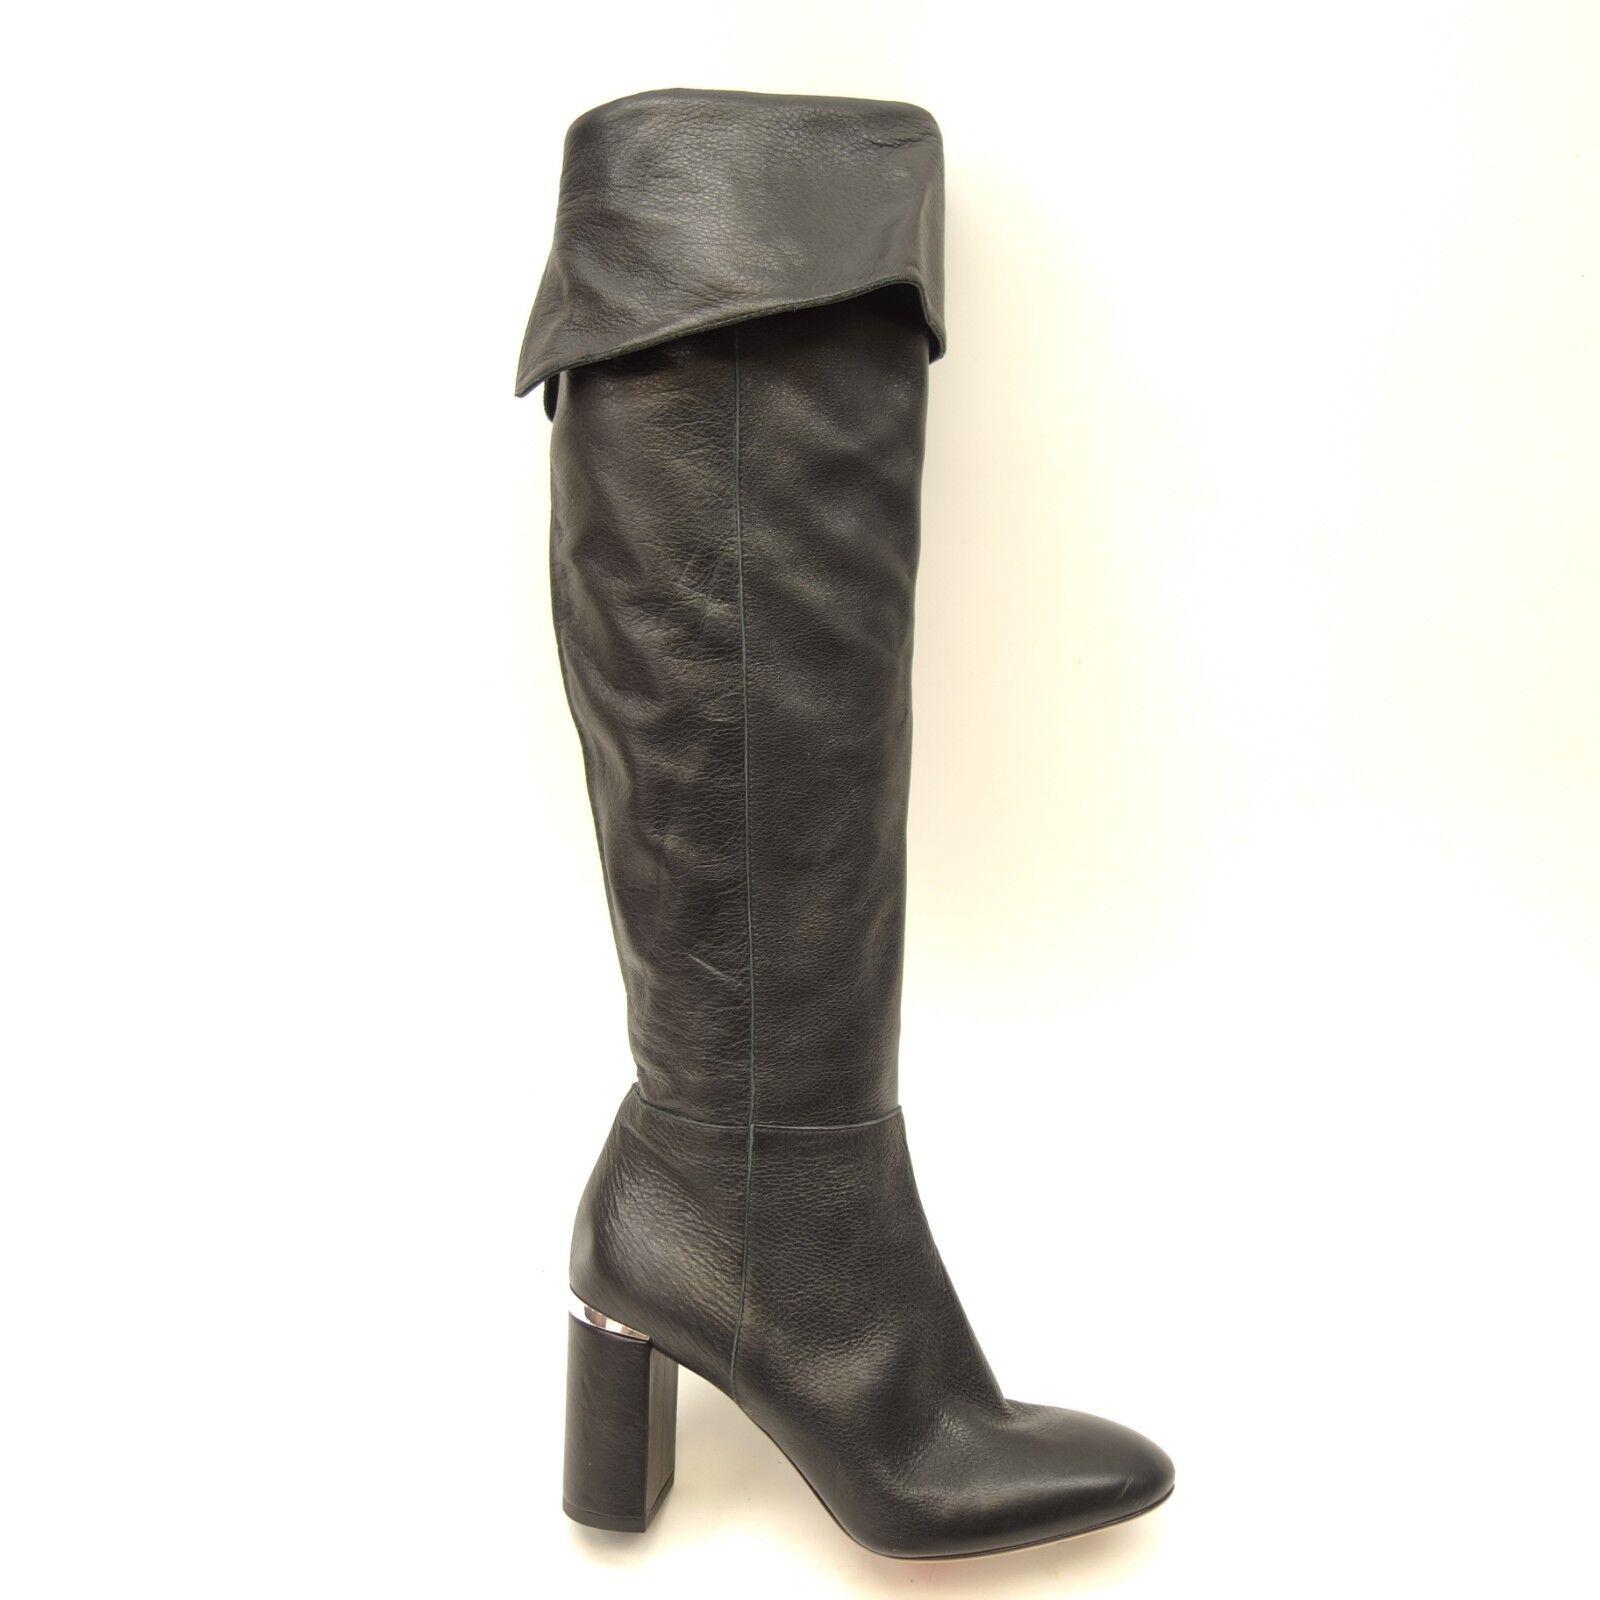 in cerca di agente di vendita New New New Lewit donna Renata Cuff Over the Knee nero Soft Leather avvio 38.5  spedizione veloce e miglior servizio